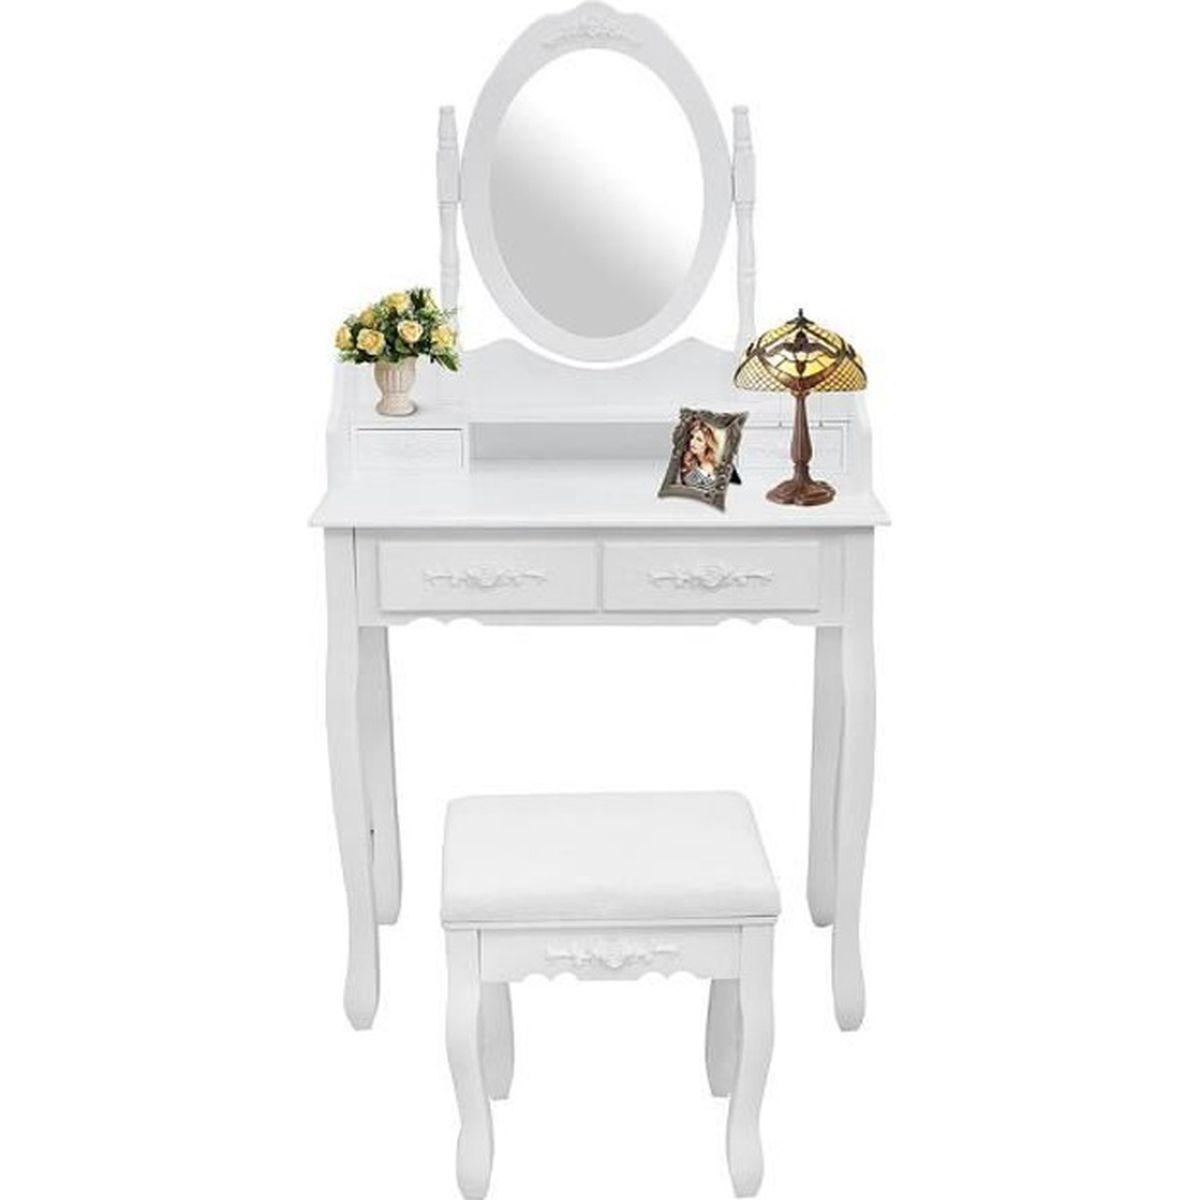 Table de maquillage coiffeuse 2 tiroirs avec miroir et for Meuble coiffeuse avec miroir conforama